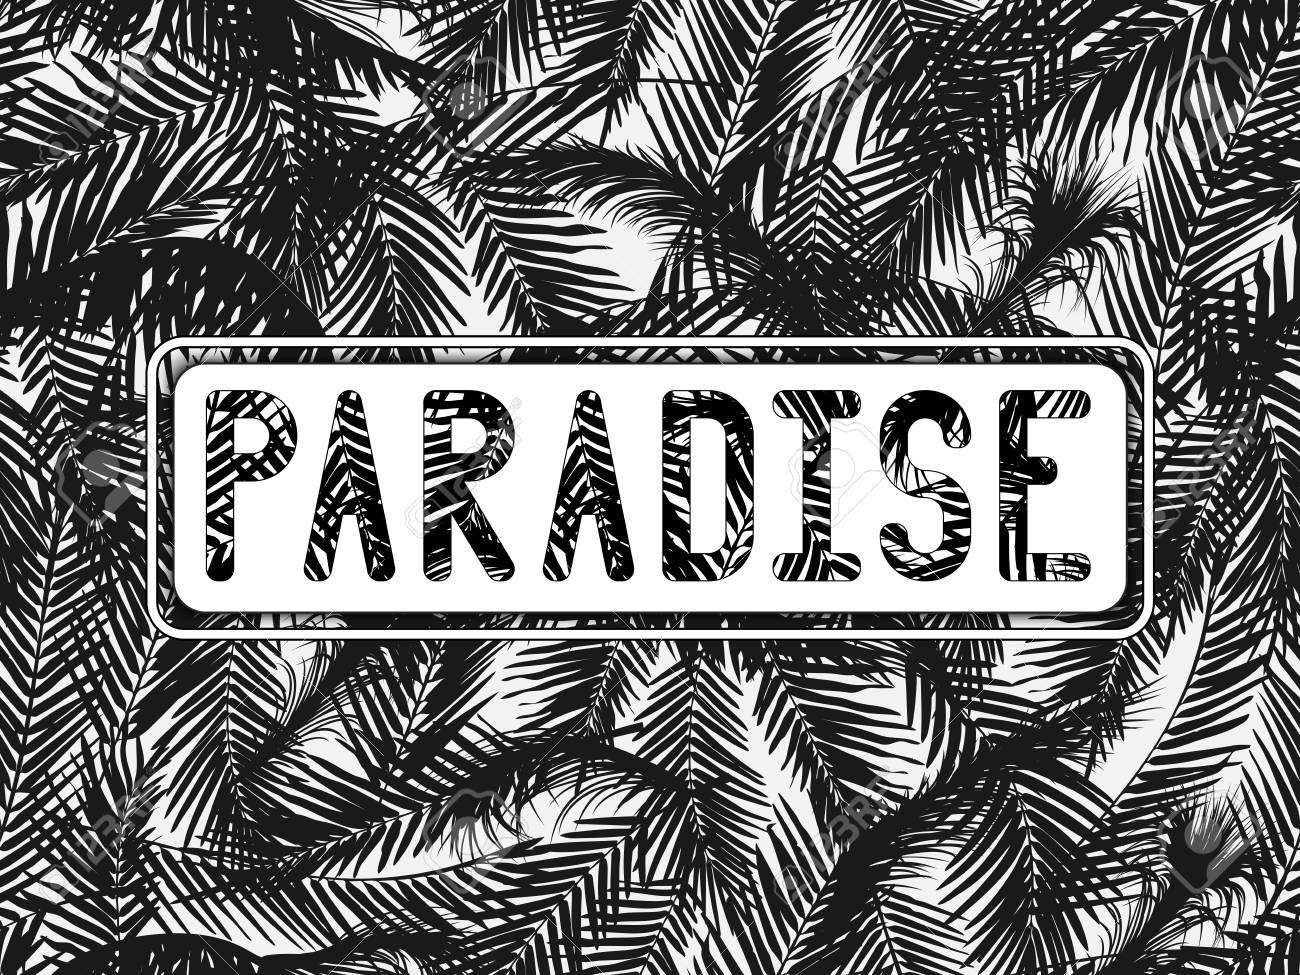 La Inscripción PARADISE Tallada En Un Marco Doble Blanco Sobre Fondo ...